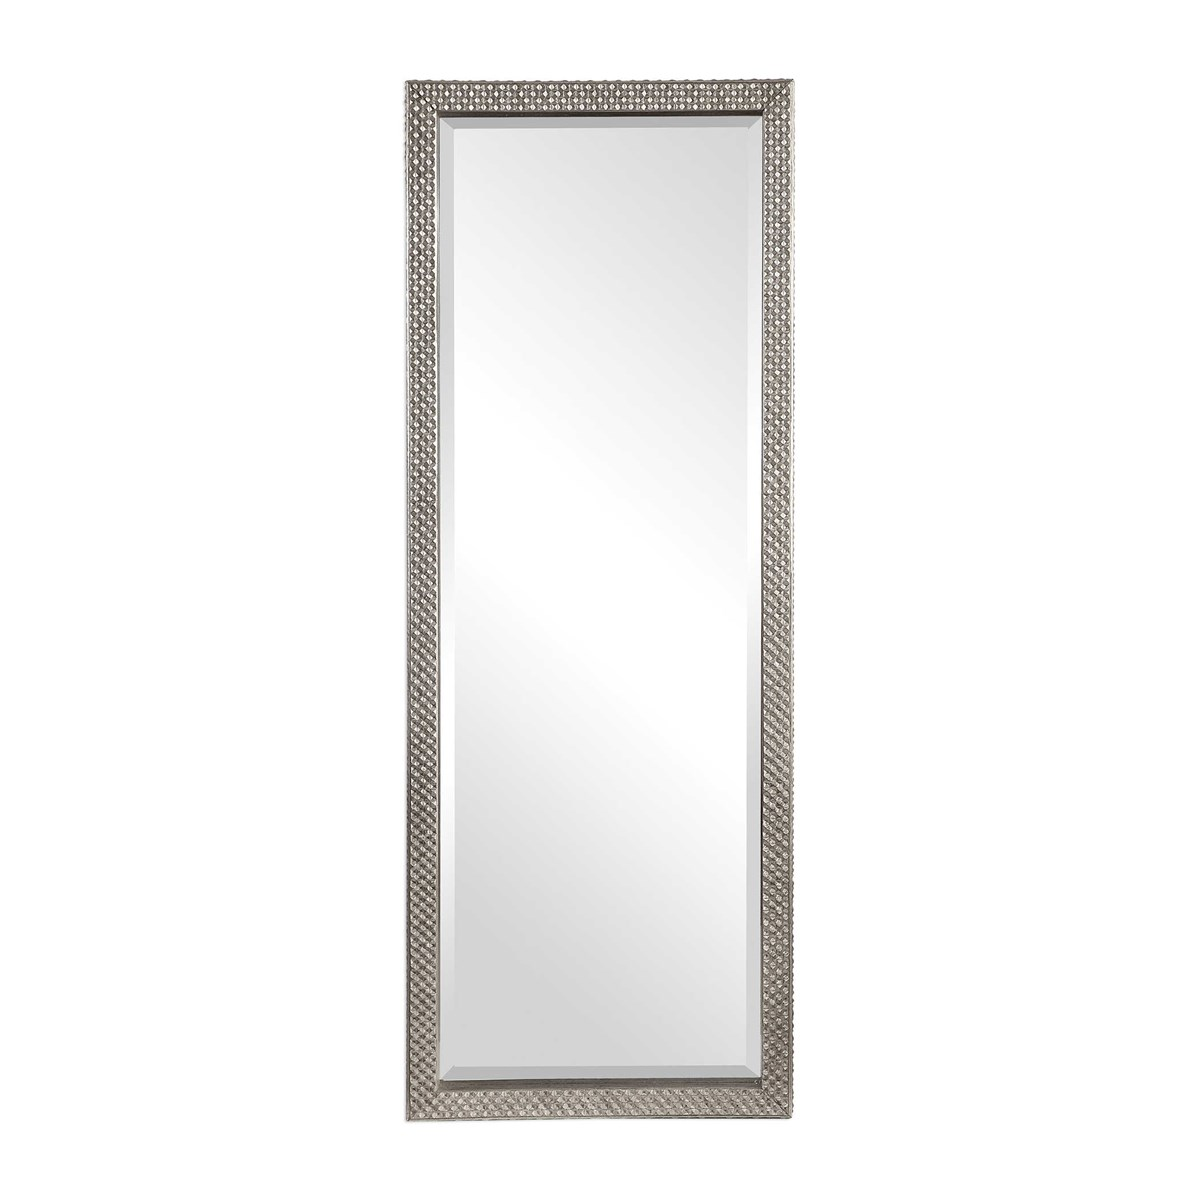 Celia Mirror-$625.00